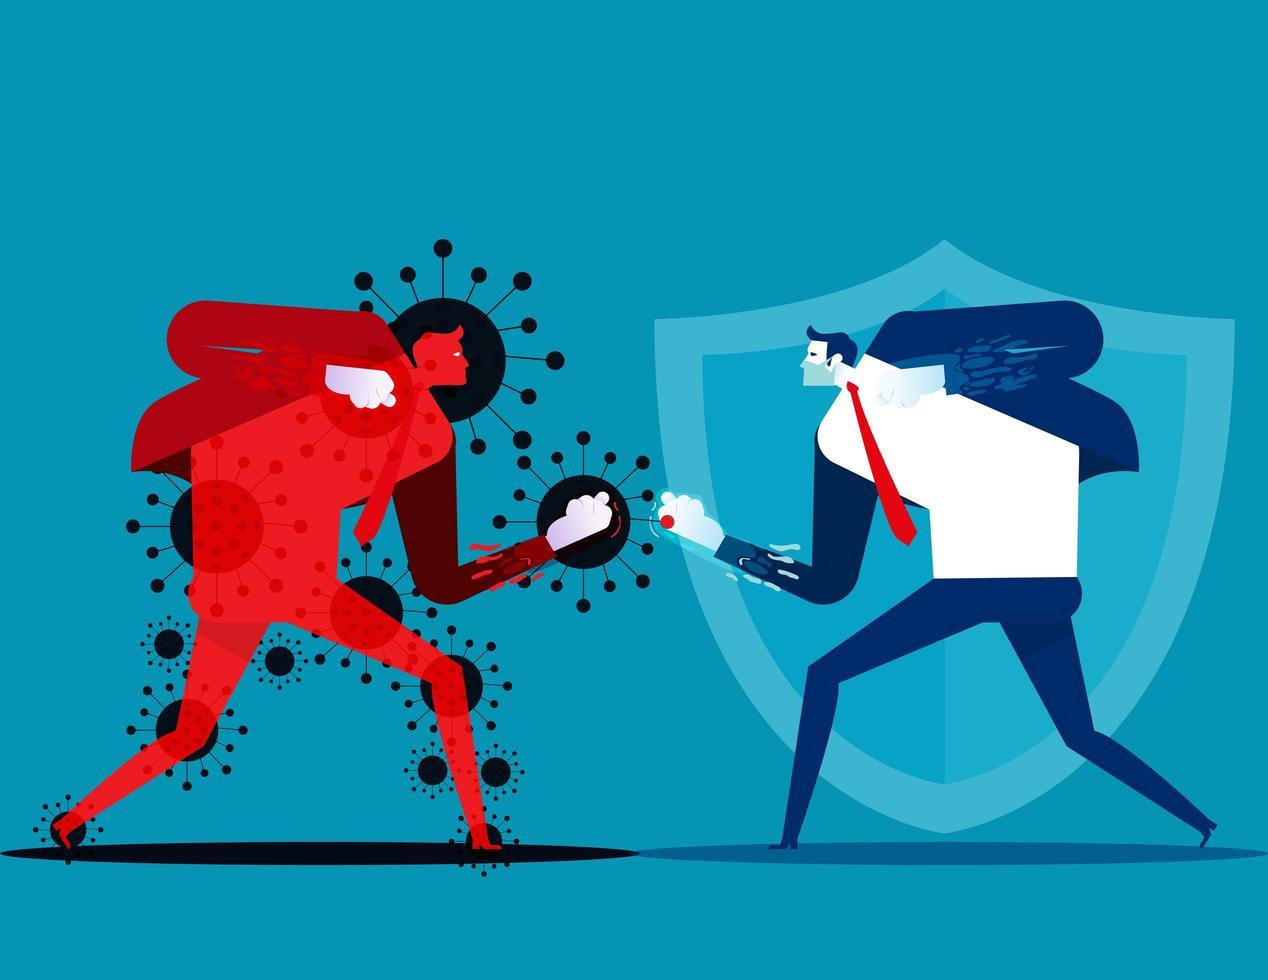 homem lutando personagem covid-19 vetor